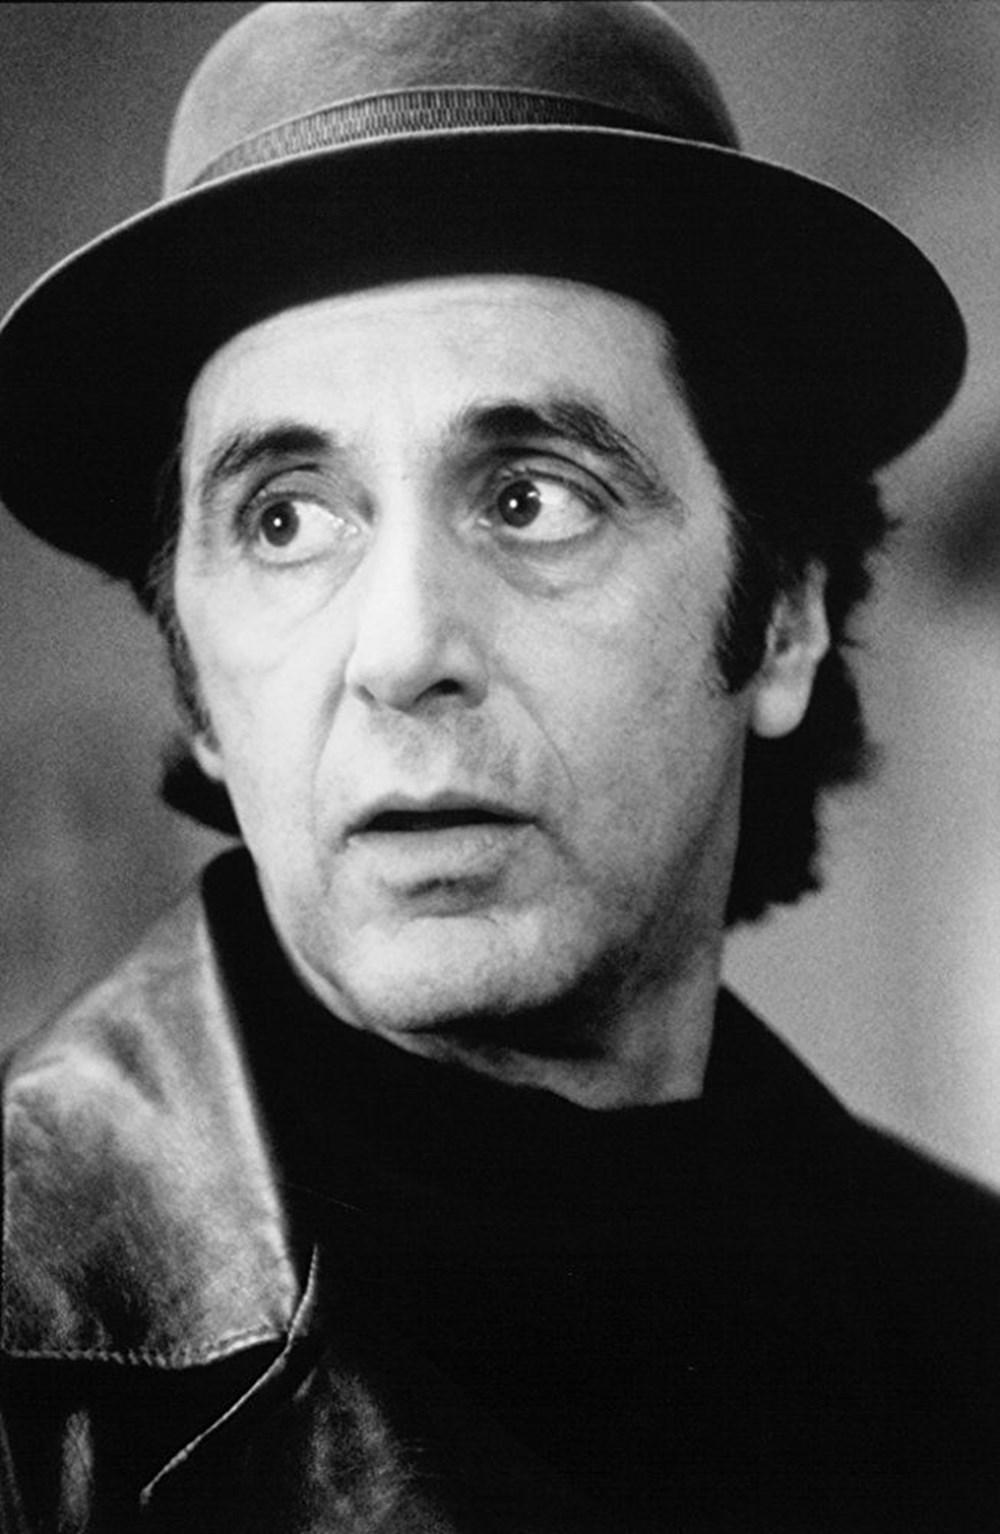 81. doğum gününde 81 fotoğrafla Al Pacino - 35